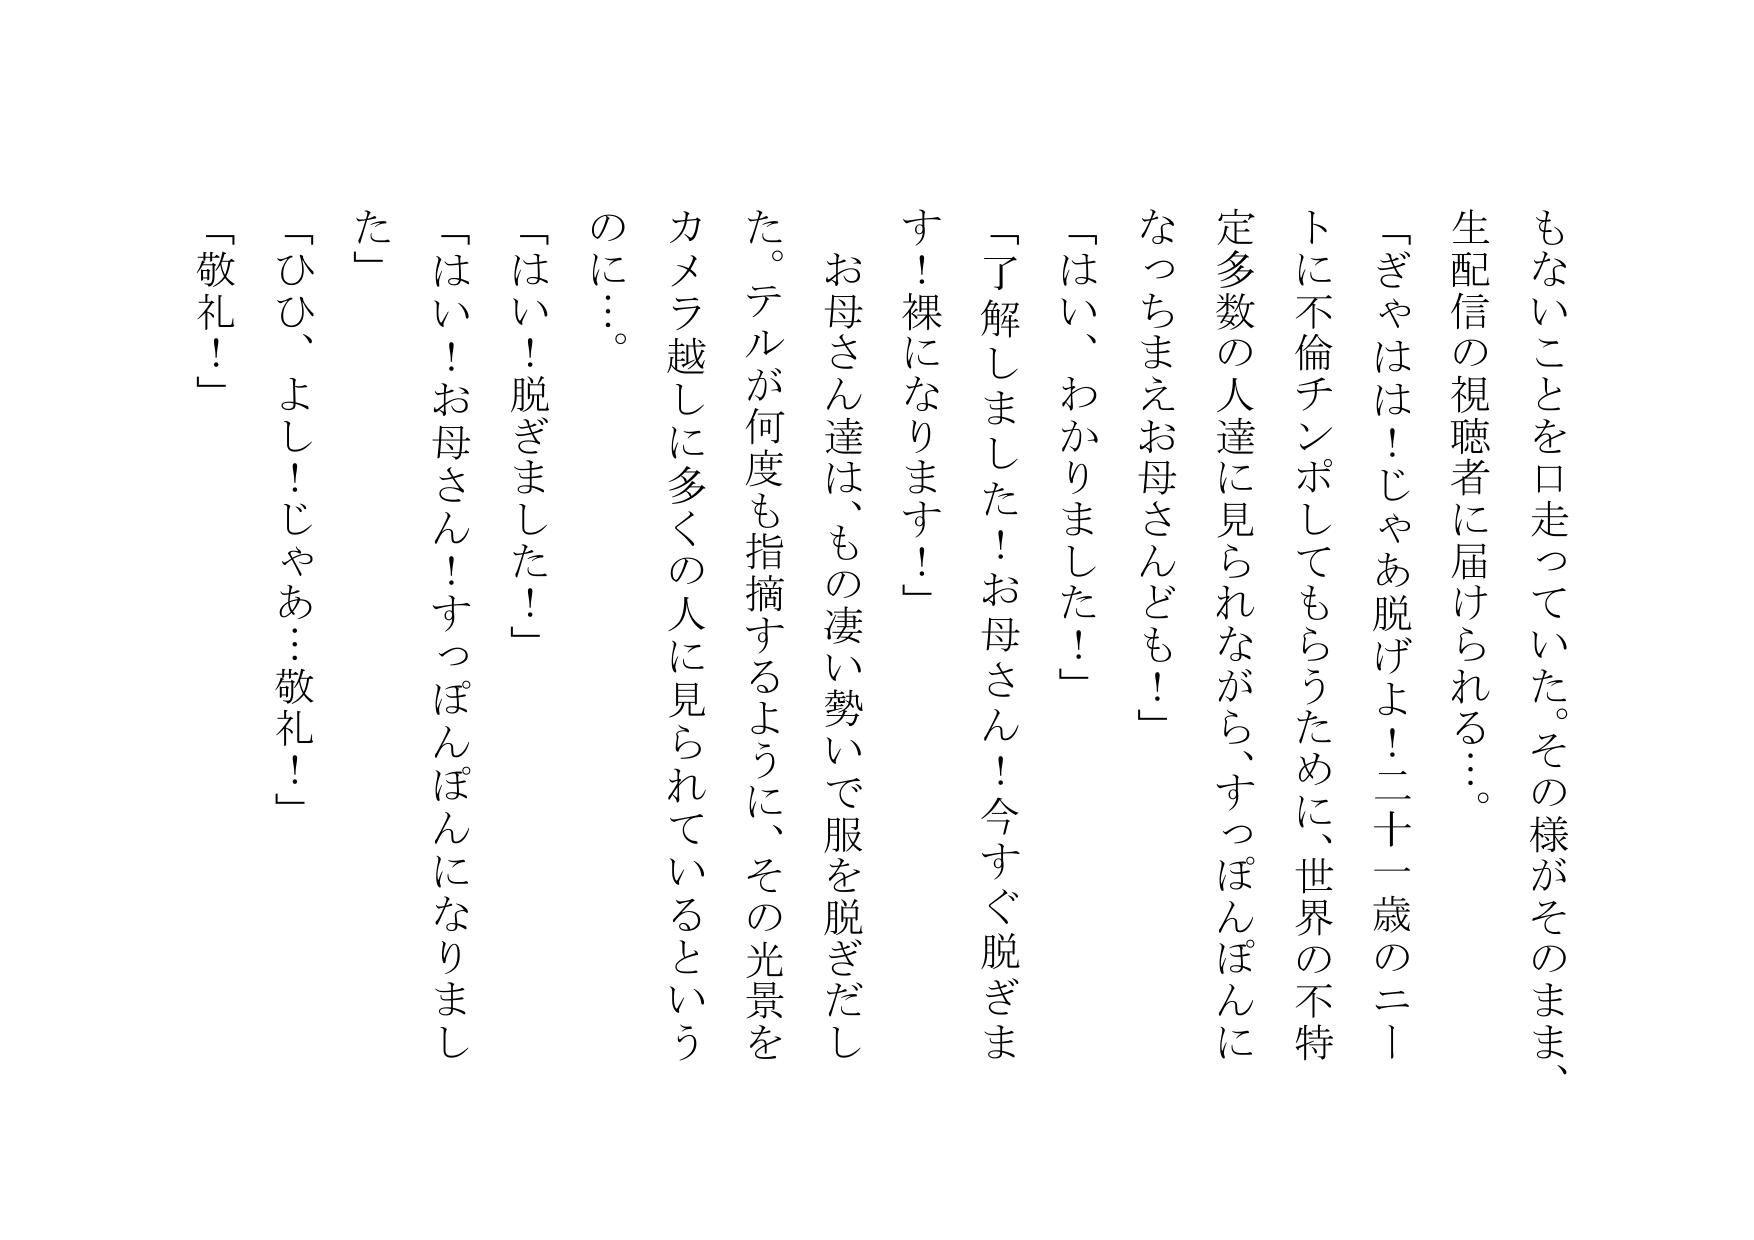 【犬ソフト 同人】チャラ男のデカチンポの虜になったお母さん~狂乱ヤリまくり編~